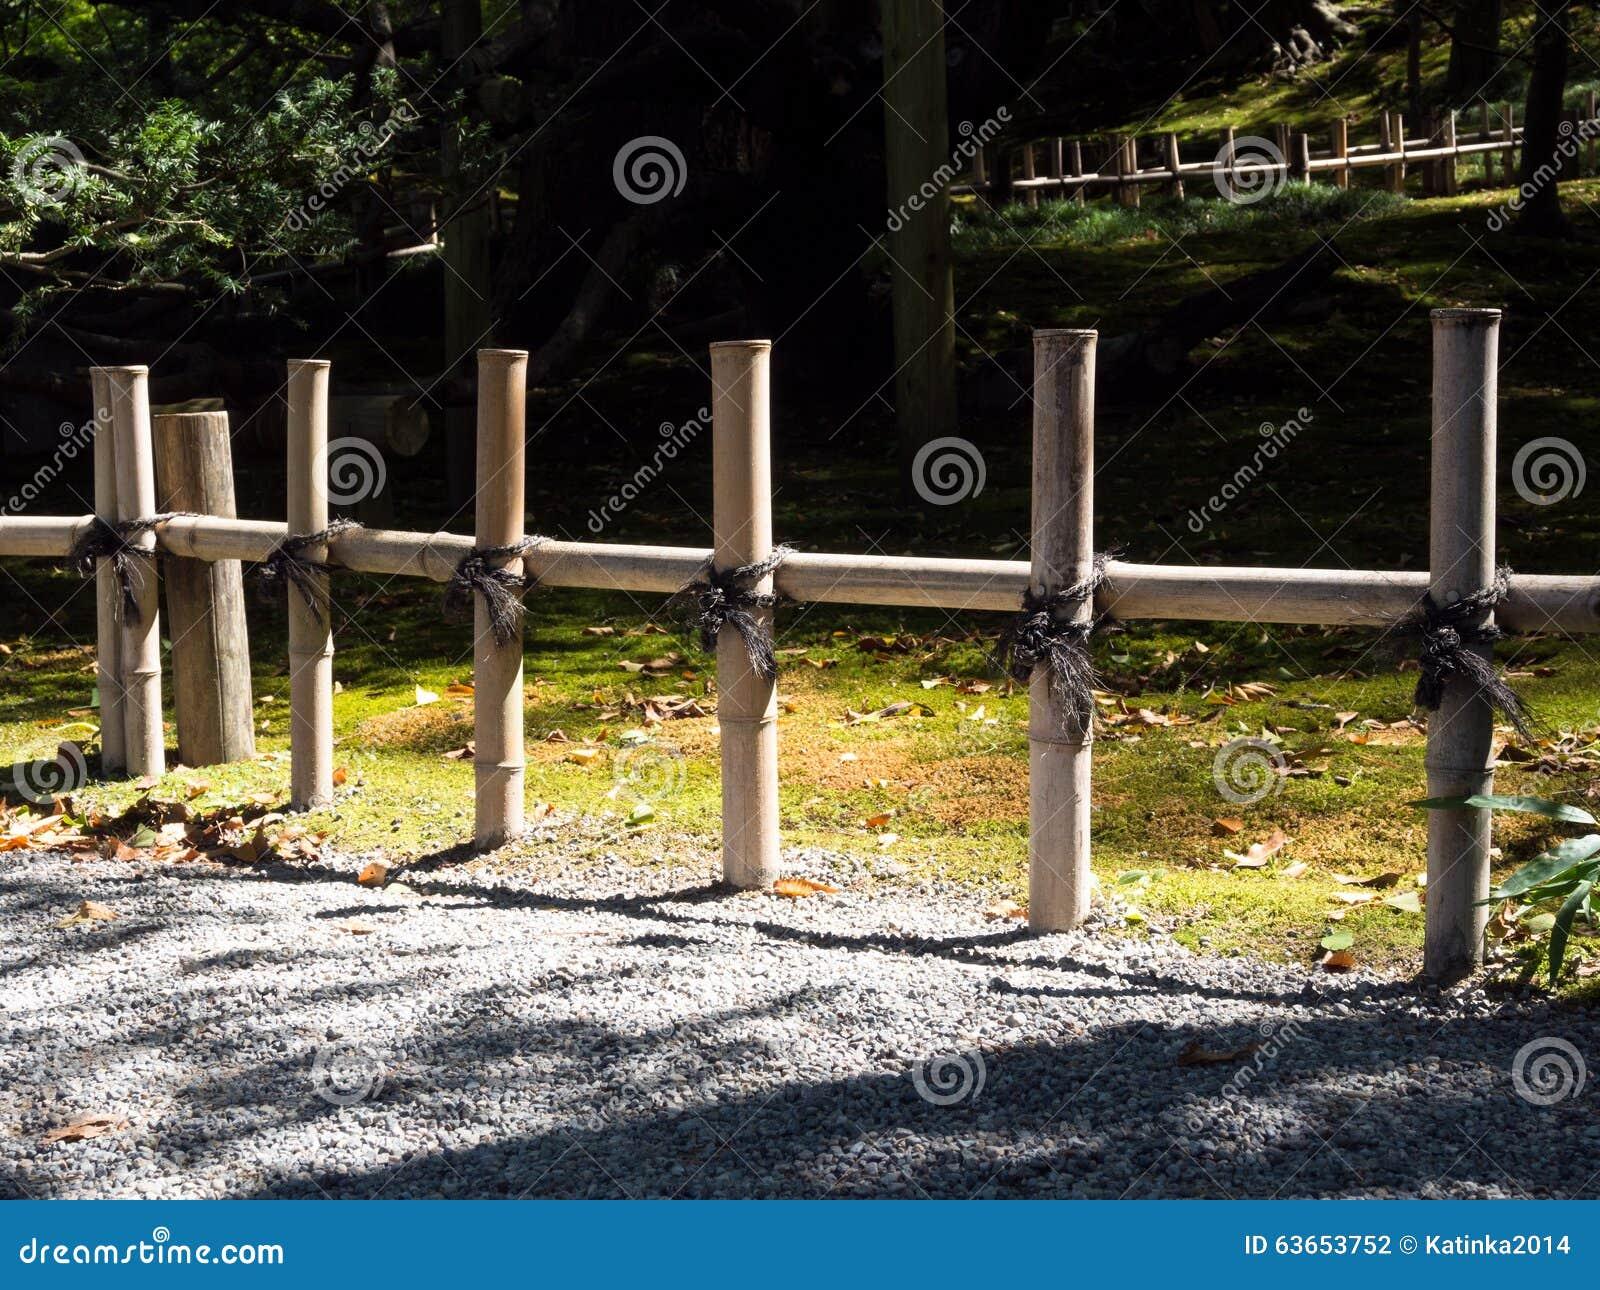 Bamboo Fence Garden Japan ...